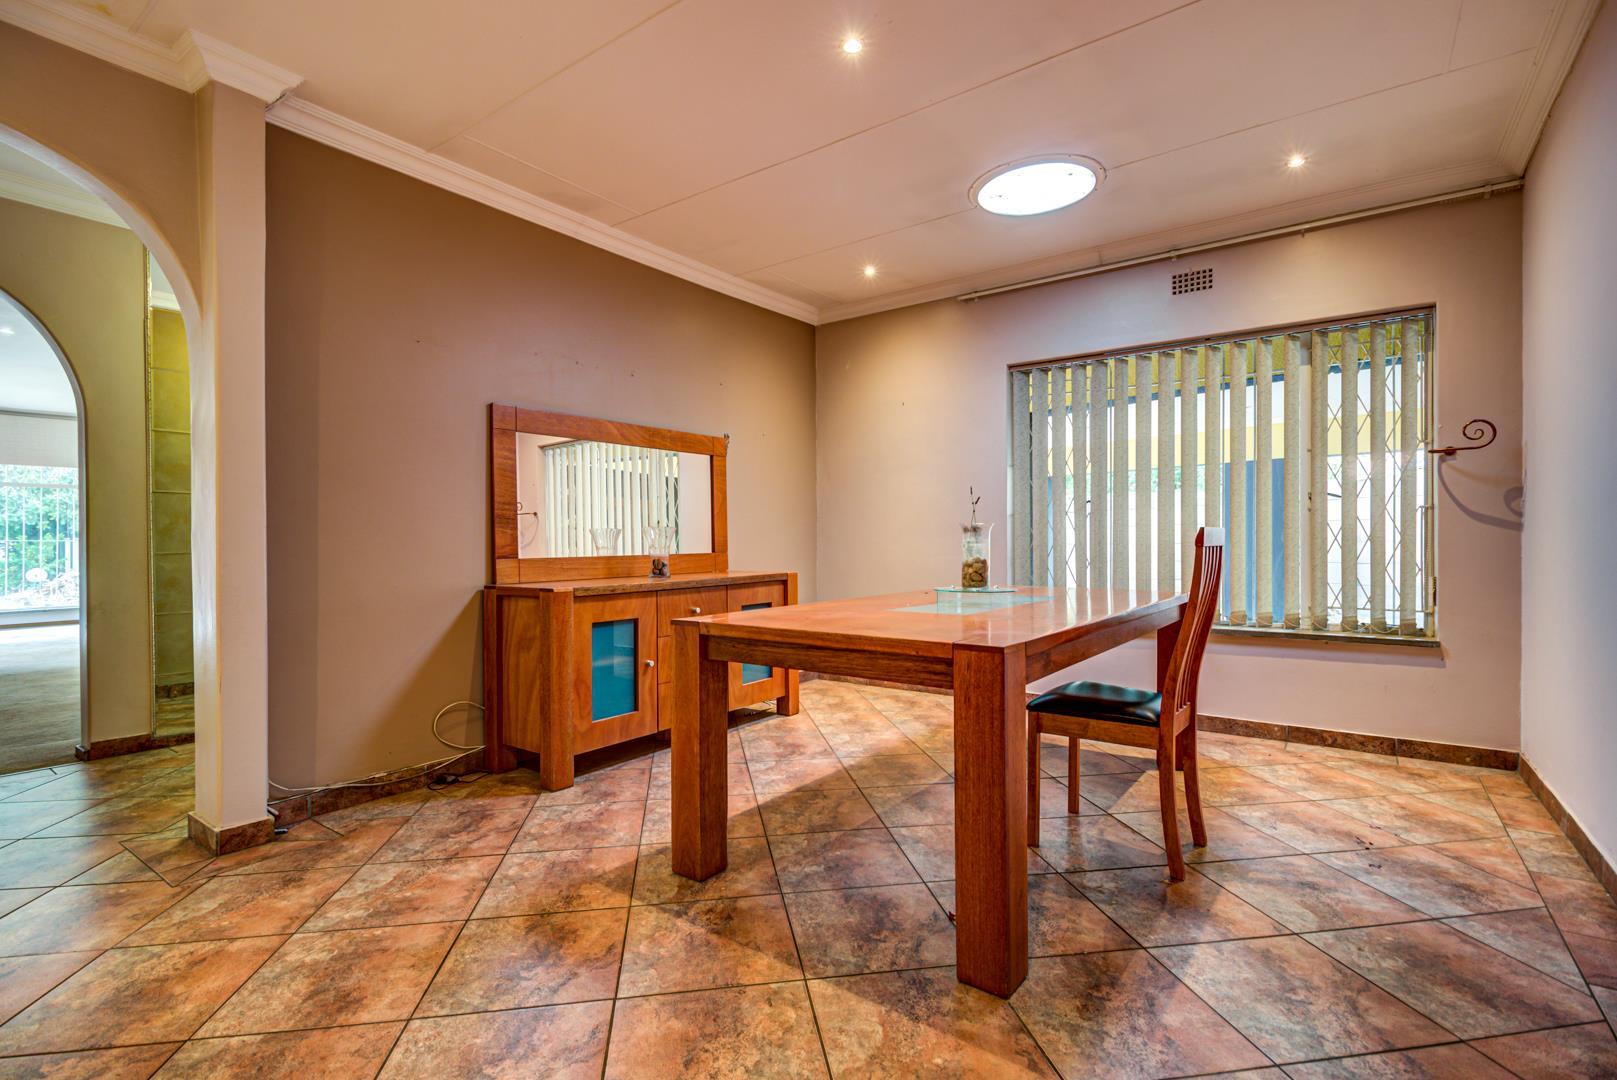 3 Bedroom House For Sale in Allen Grove